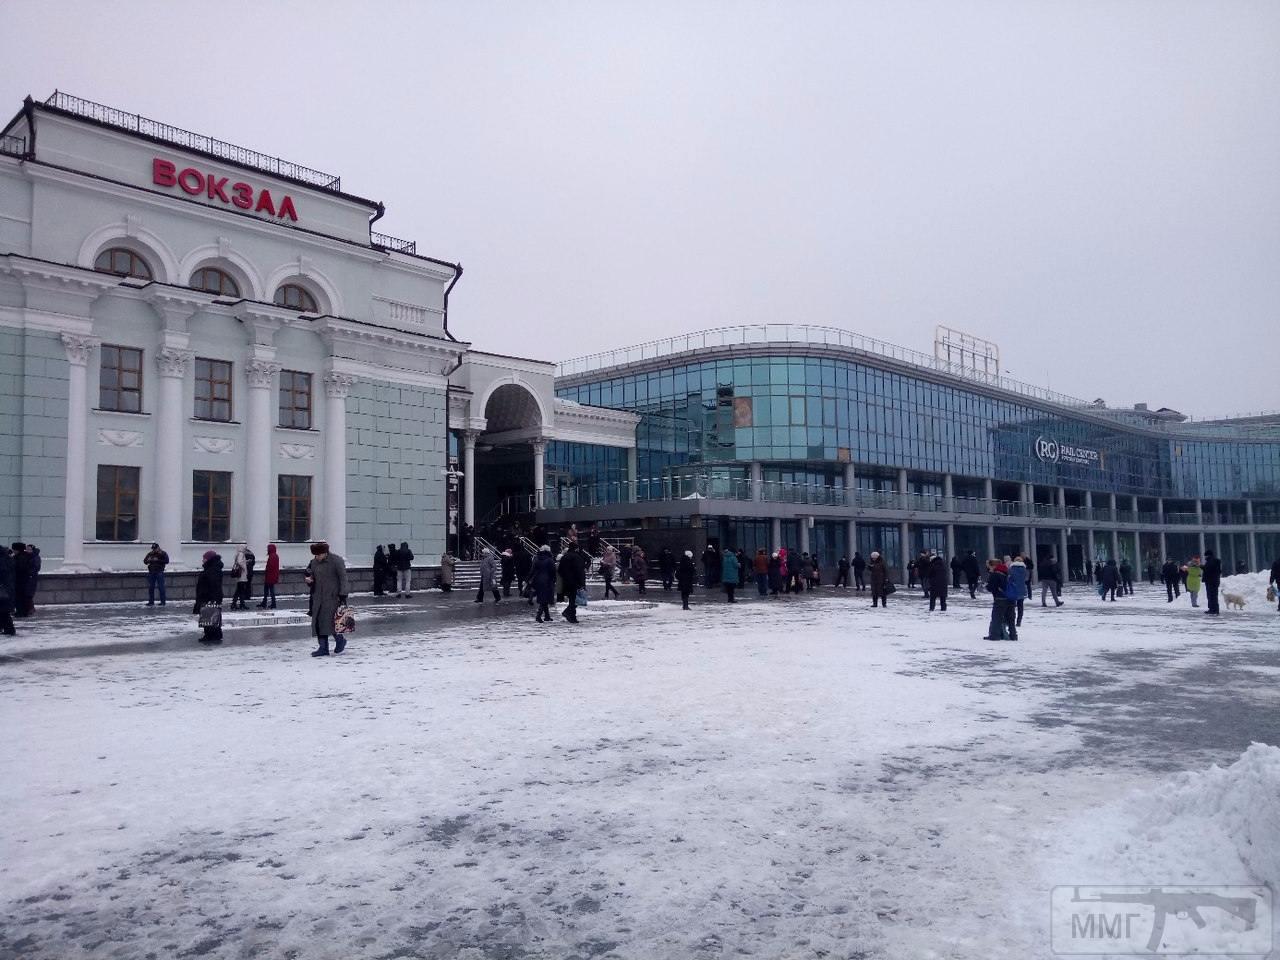 21958 - Оккупированная Украина в фотографиях (2014-...)